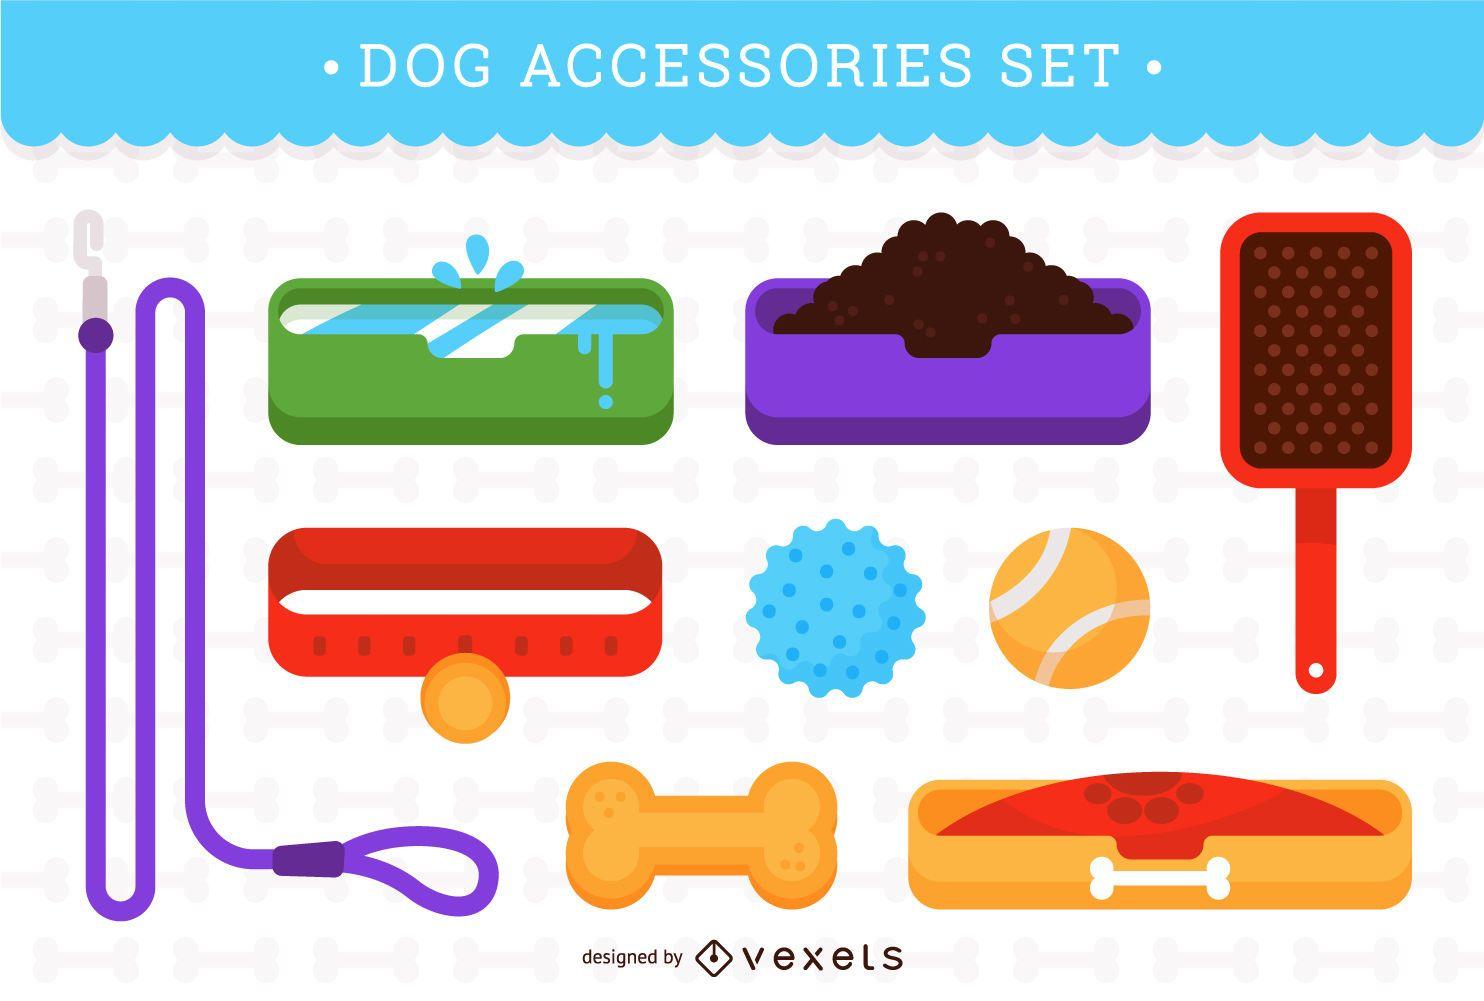 Dog accessories set